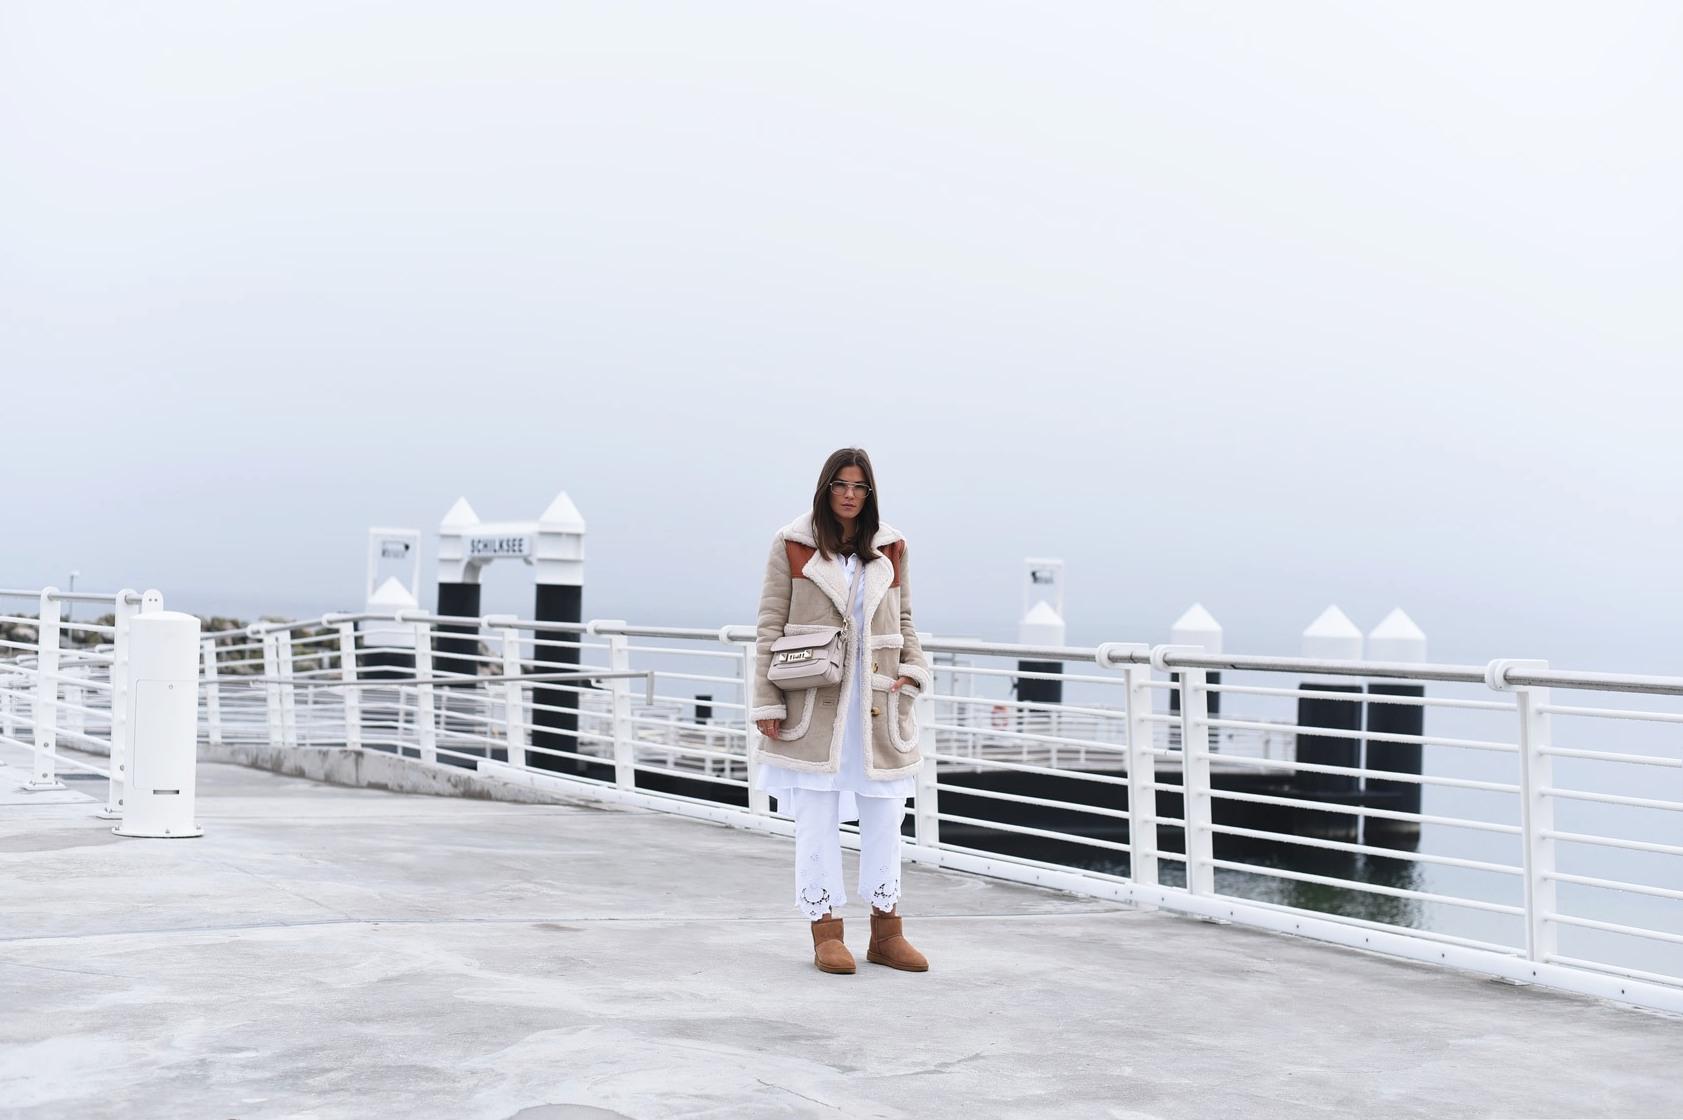 die-besten-fashionblogs-in-deutschland-mode-beauty-und-reise-themen-fashiioncarpet